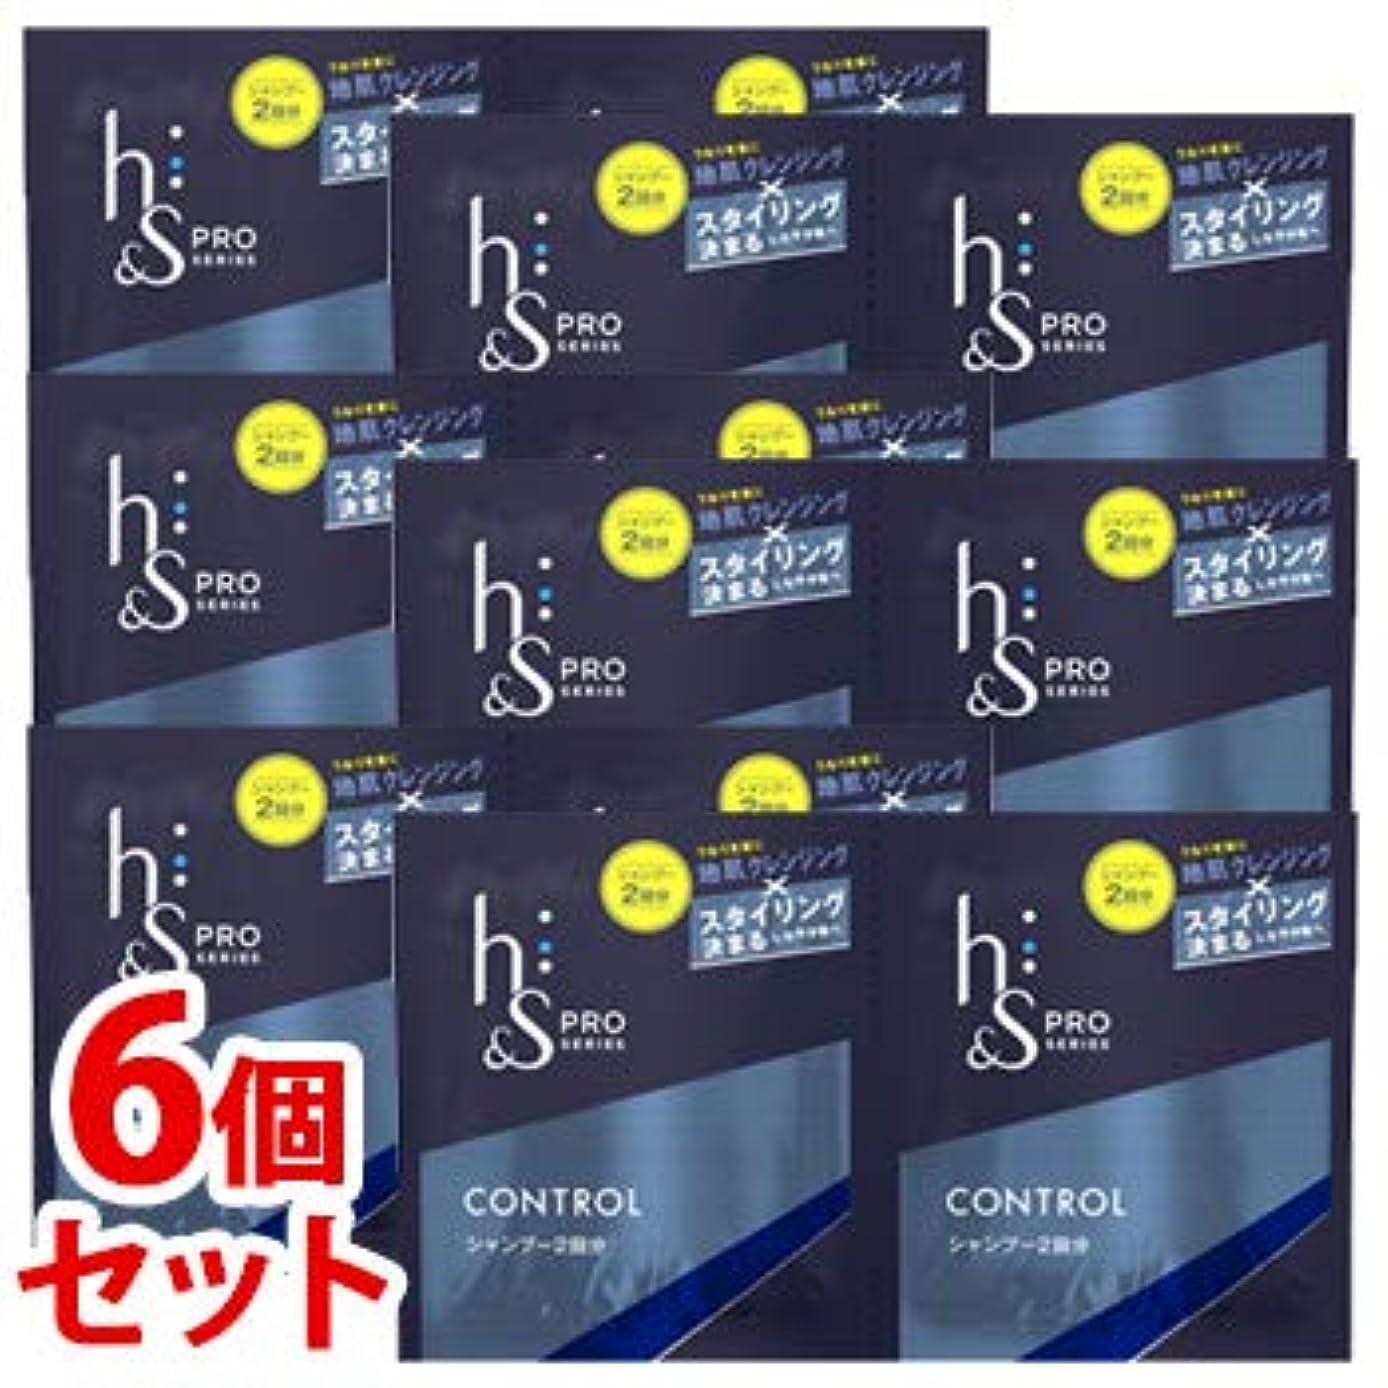 講堂抽出いちゃつく《セット販売》 P&G エイチアンドエス h&s フォーメン プロシリーズ コントロール シャンプー トライアルサシェ 2回分 (12mL×2個)×6個セット 【医薬部外品】